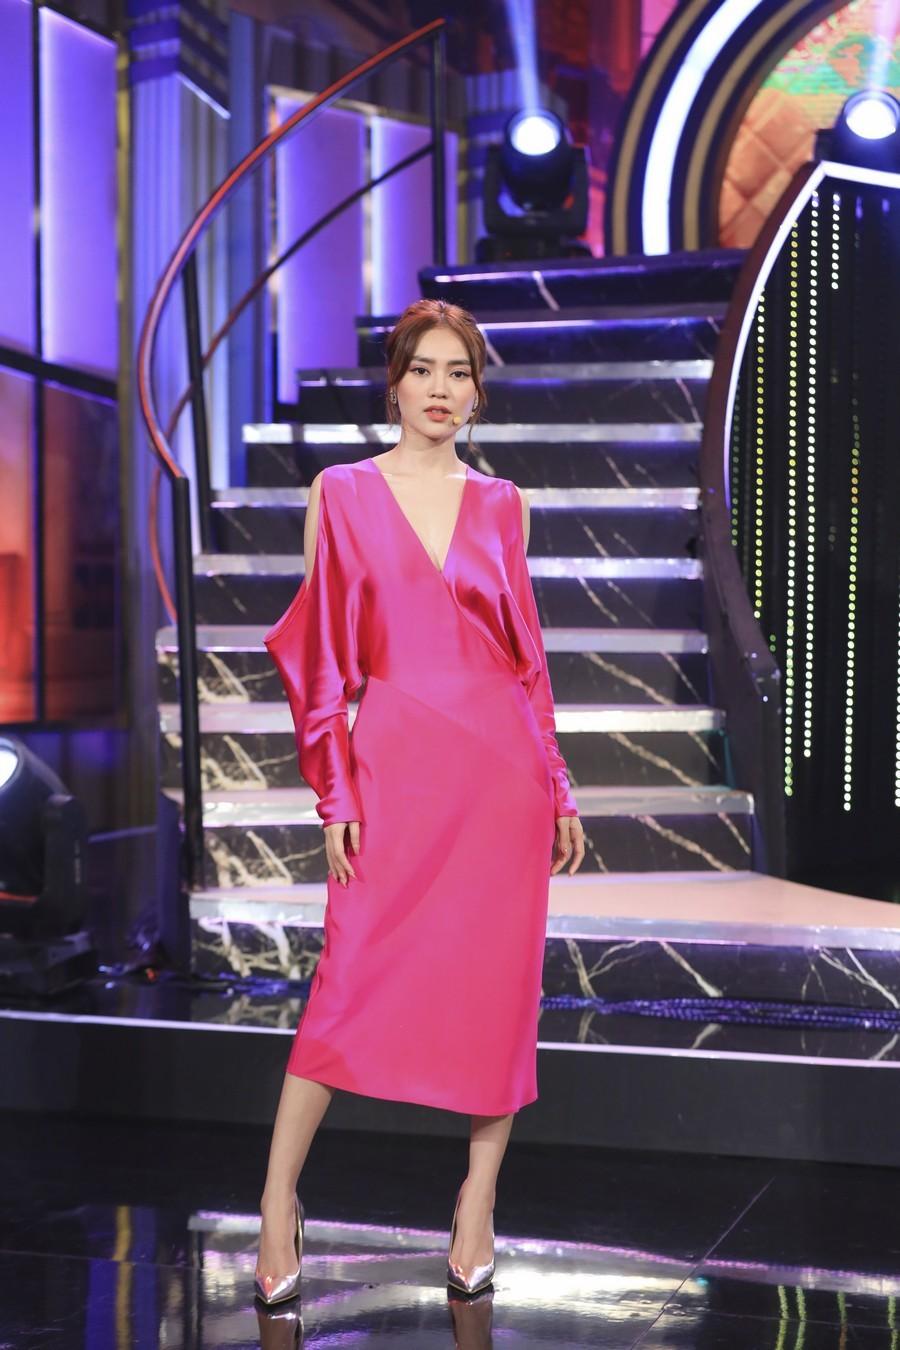 Cùng 1 bộ váy: Lạn Ngọc rất xinh nhưng có phần kém sexy so với Lương Thùy Linh, Hoàng Thùy vì khoản tạo dáng thông minh - Ảnh 2.